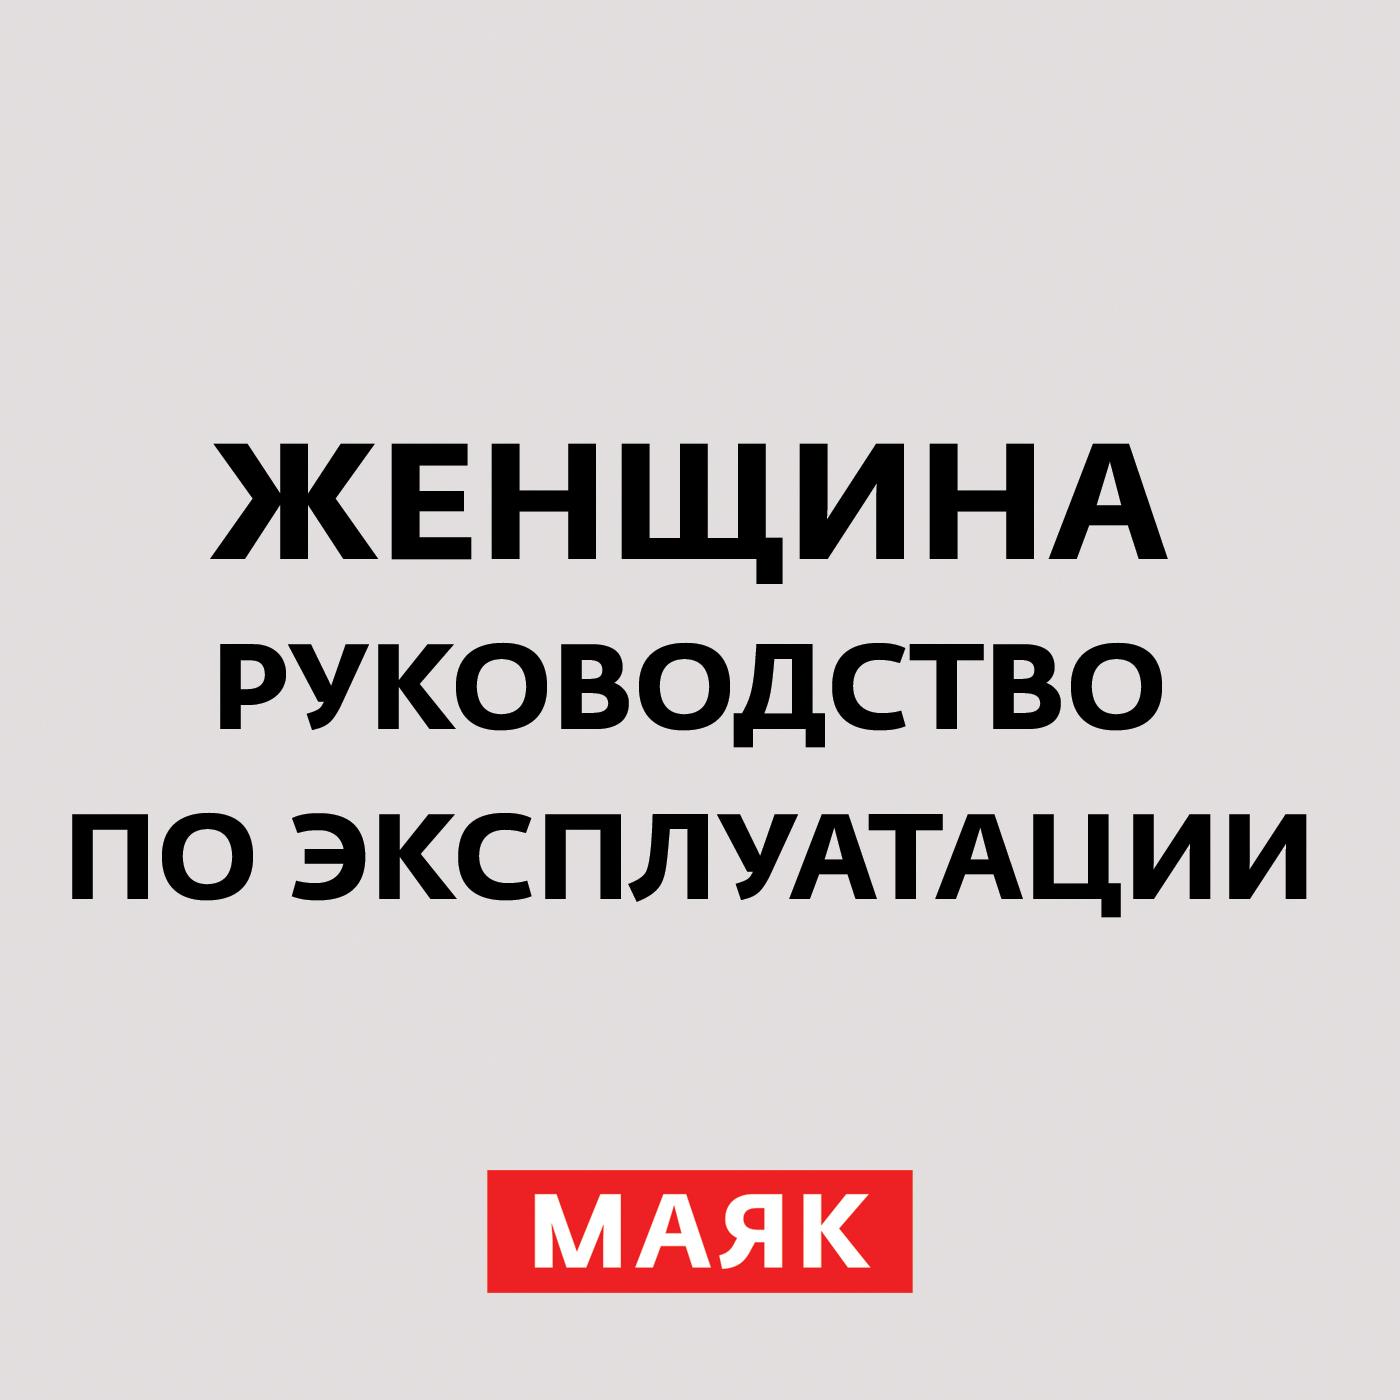 Творческий коллектив радио «Маяк» Женщина-иностранка александр никонов чем женщина отличается от человека